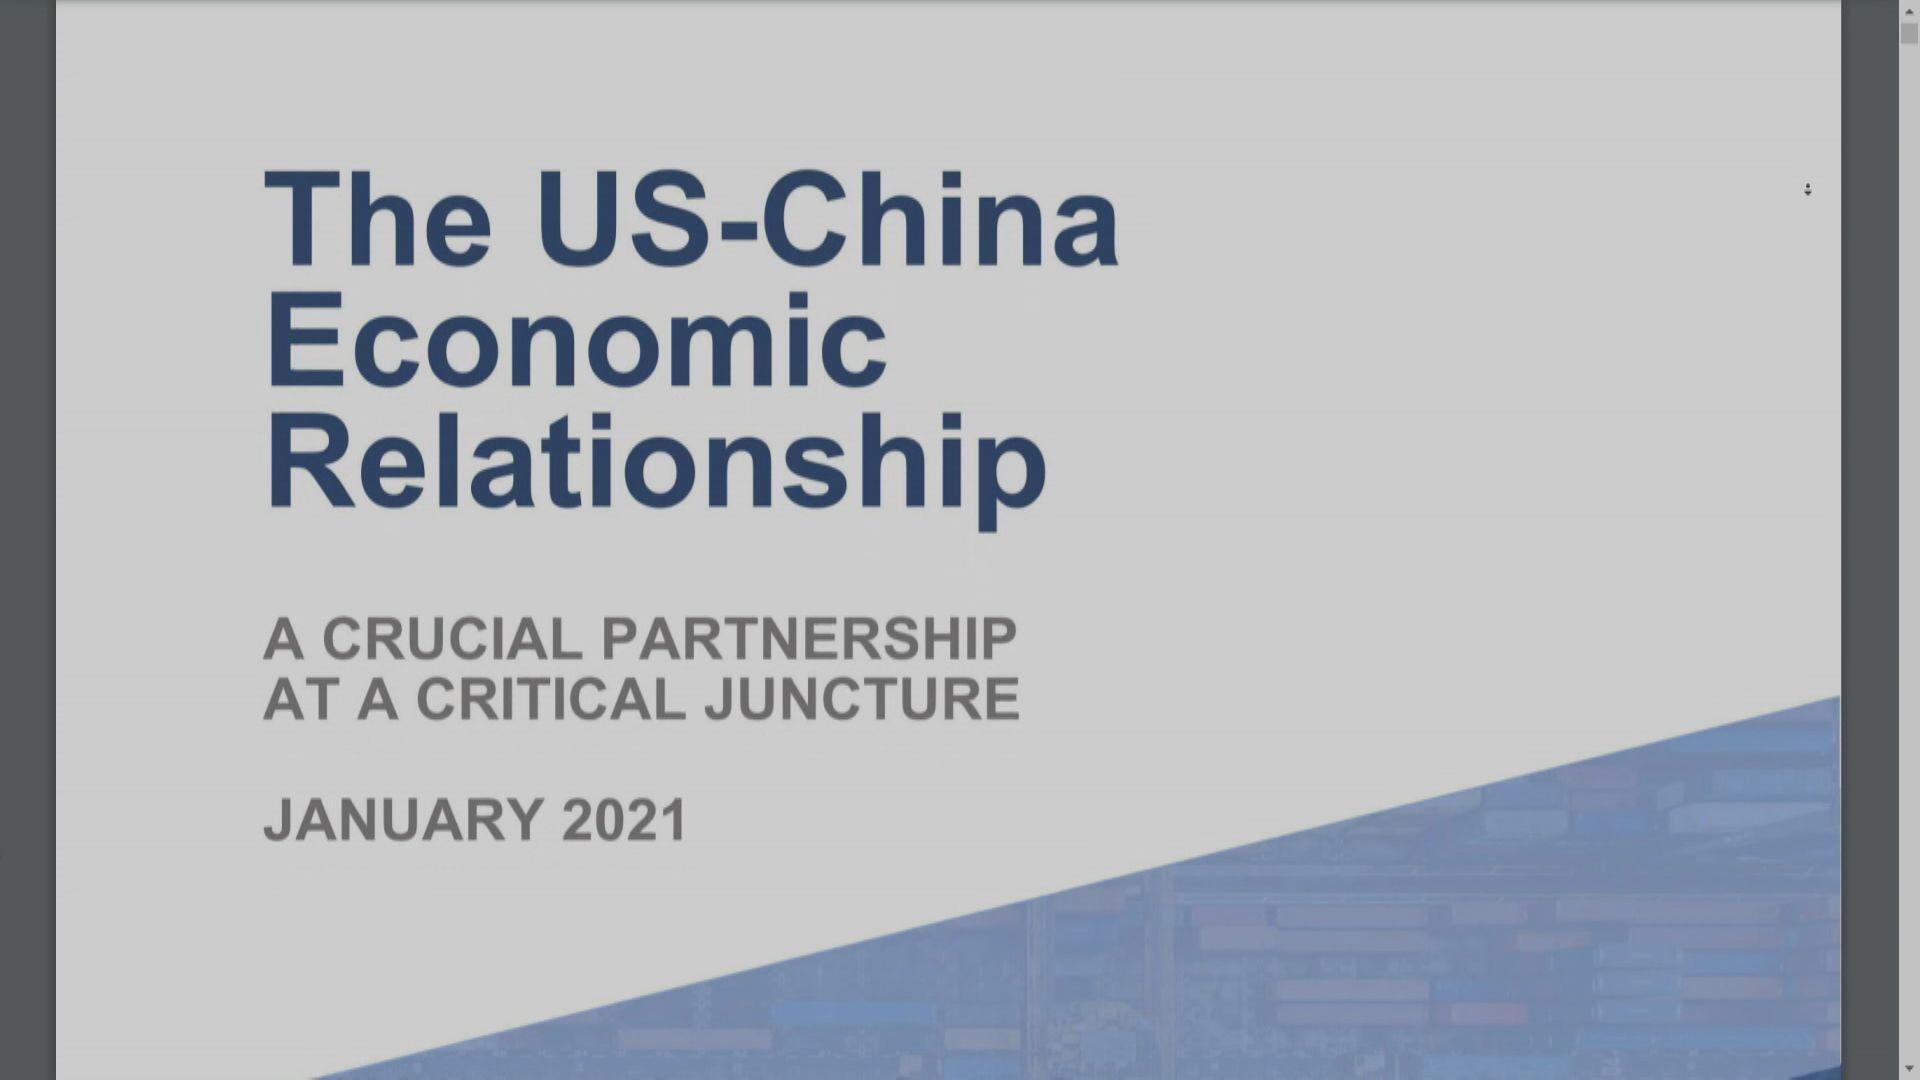 報告:對華貿易利美經濟